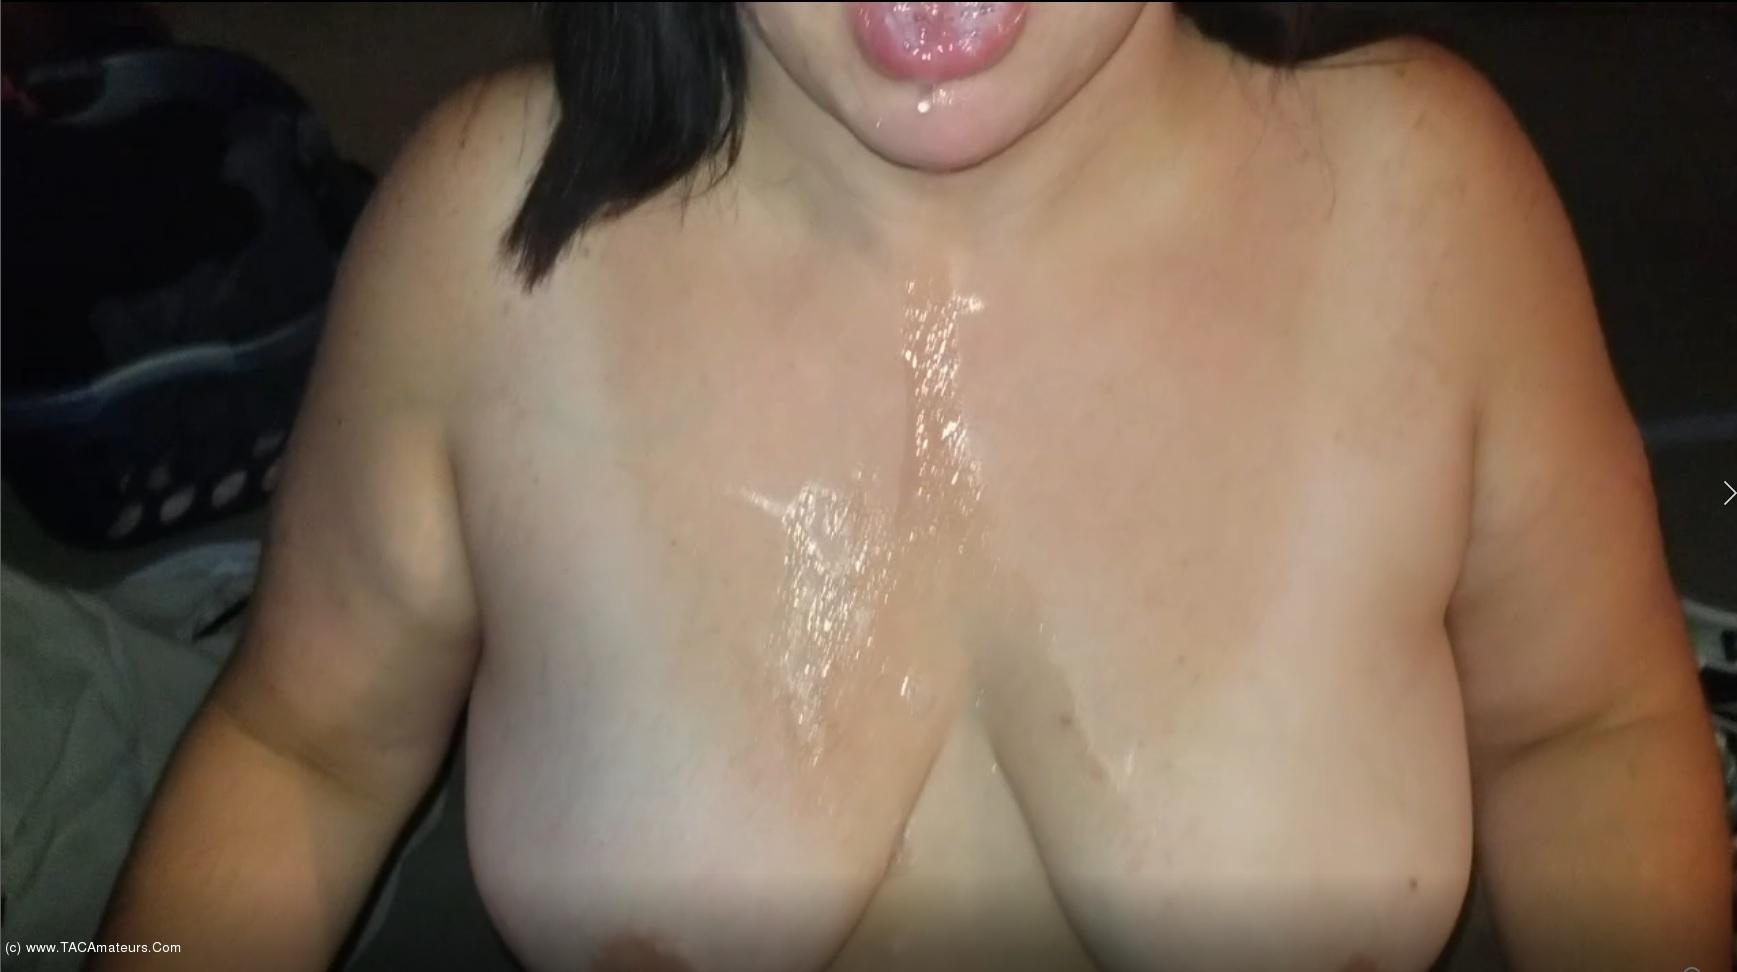 SexyNEBBW - Sexy NEBBW Gives Sloppy BJ & Swallows scene 2